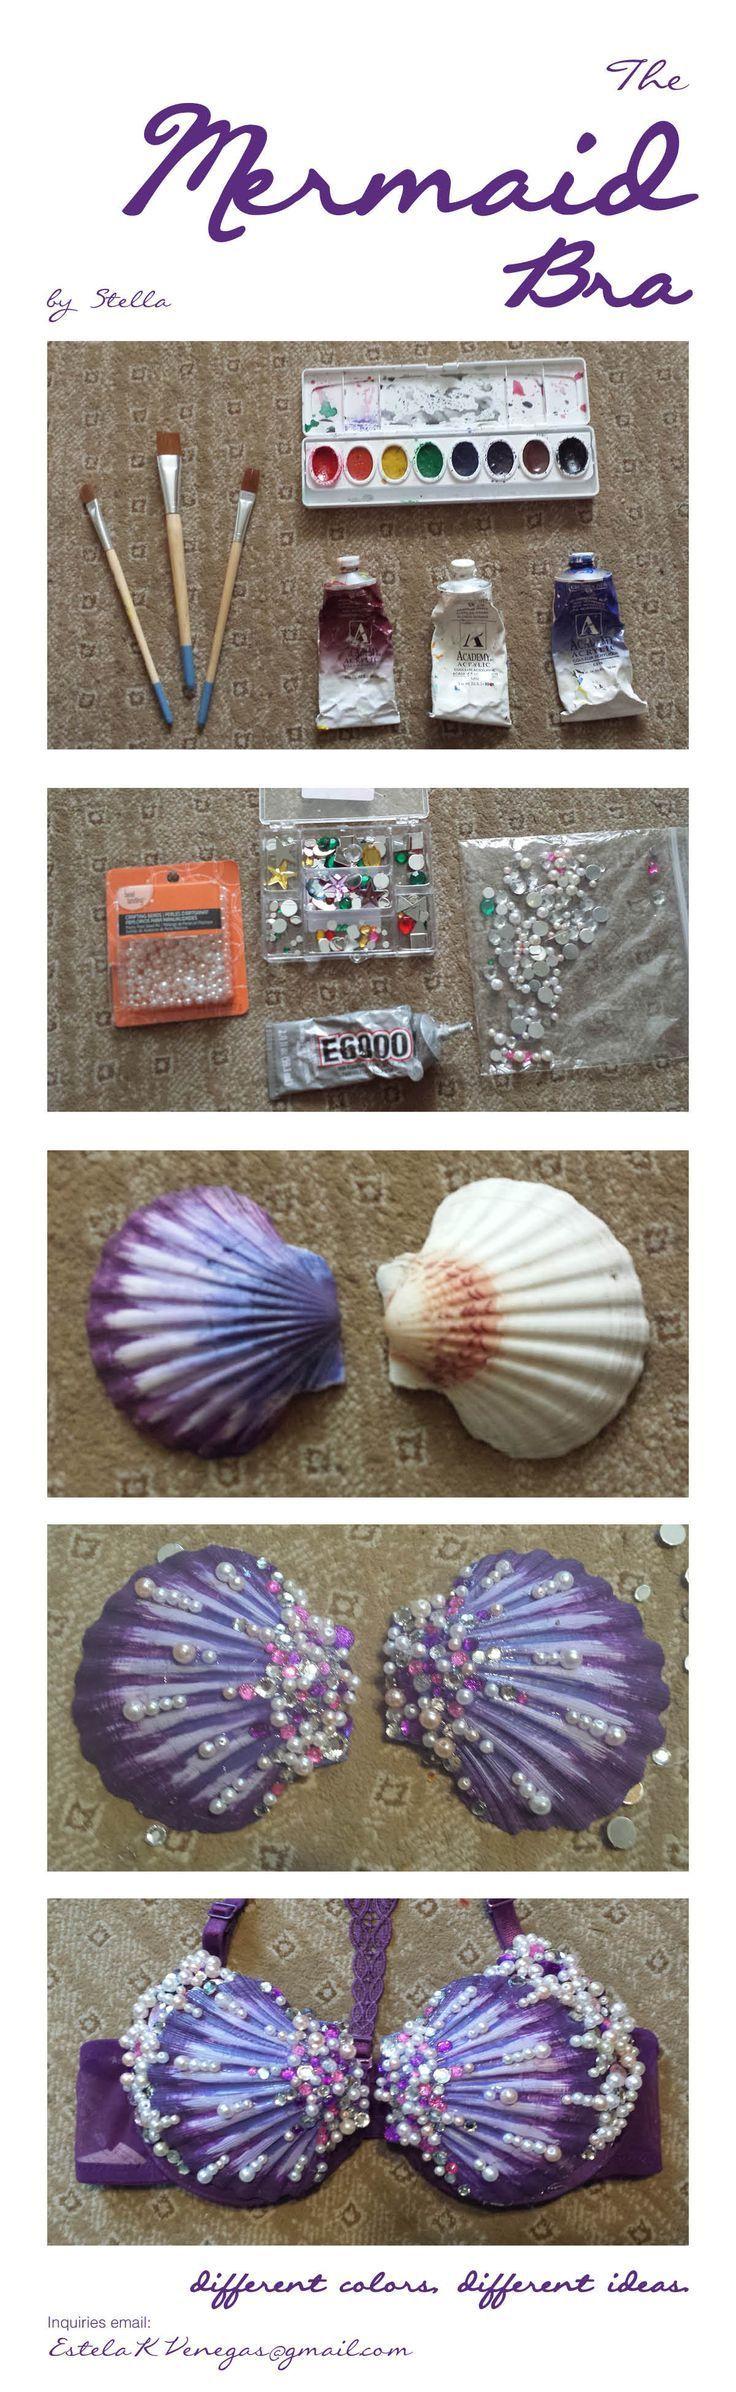 How to make a Mermaid Seashell Bra                                                                                                                                                                                 More